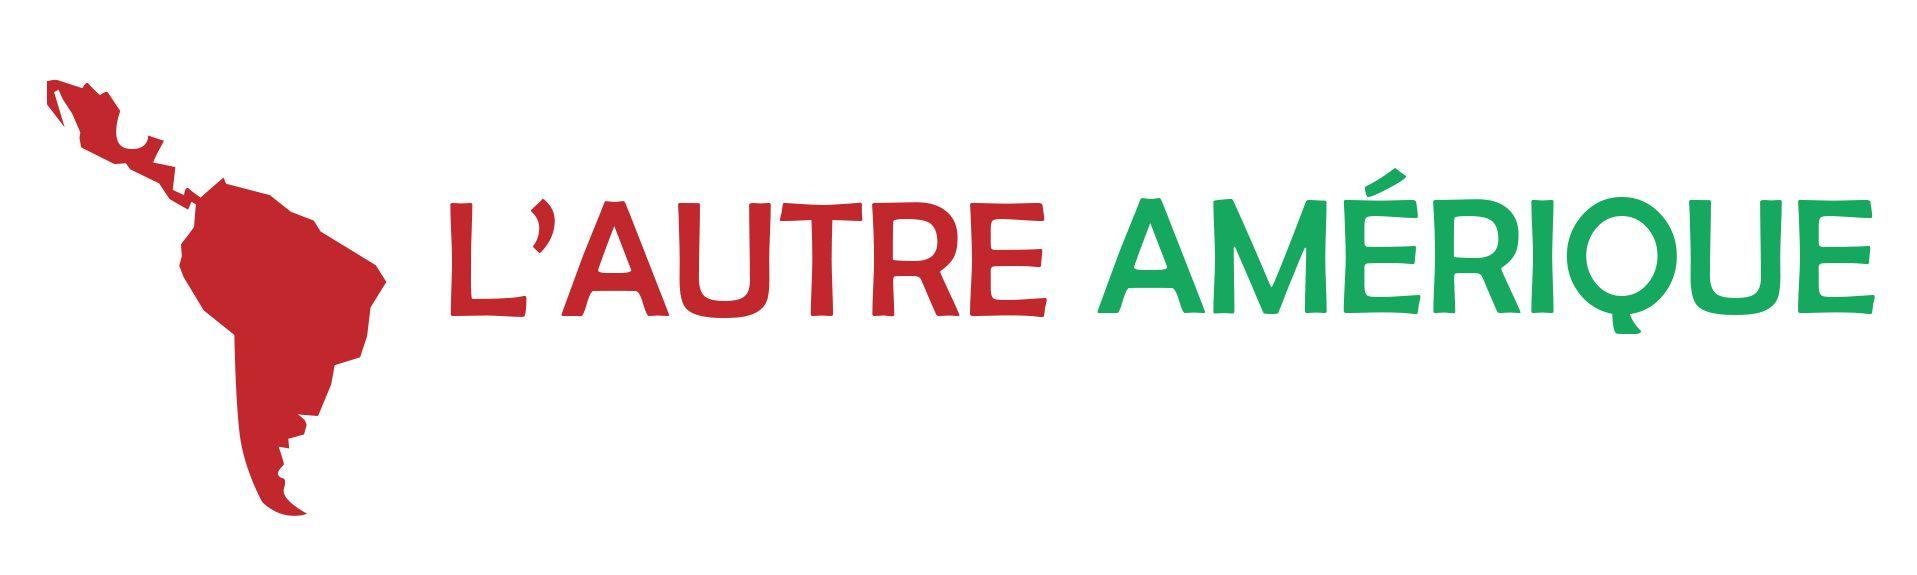 Revue L'autre Amérique